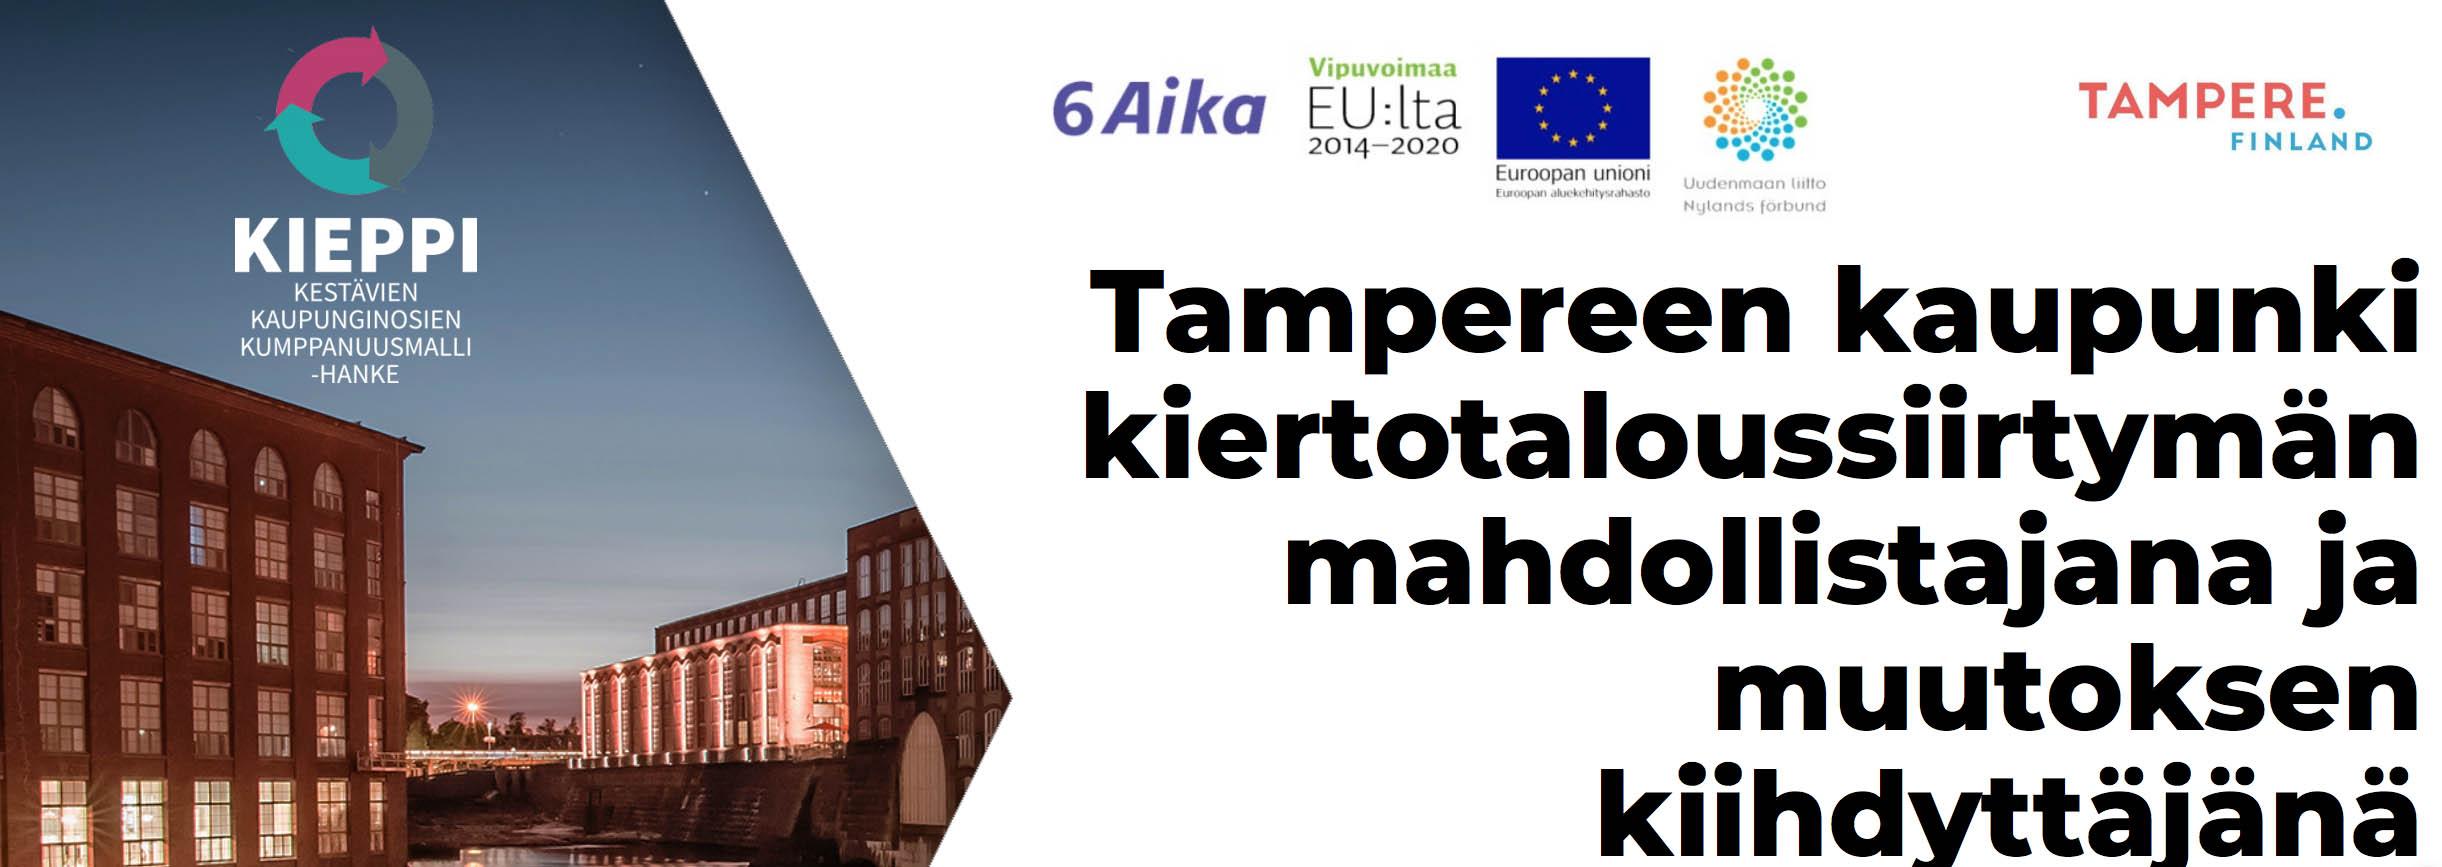 Cover for article 'Tampereen kaupunki kiertotaloussiirtymän mahdollistajana ja muutoksen kiihdyttäjänä'